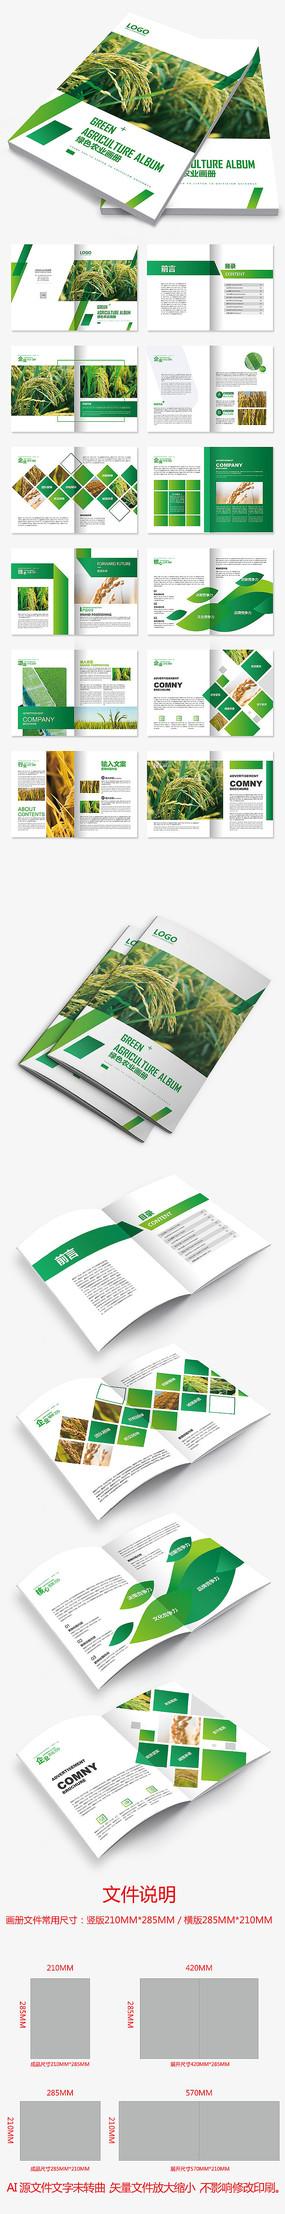 生态农业绿色环保科技农业农产品宣传册